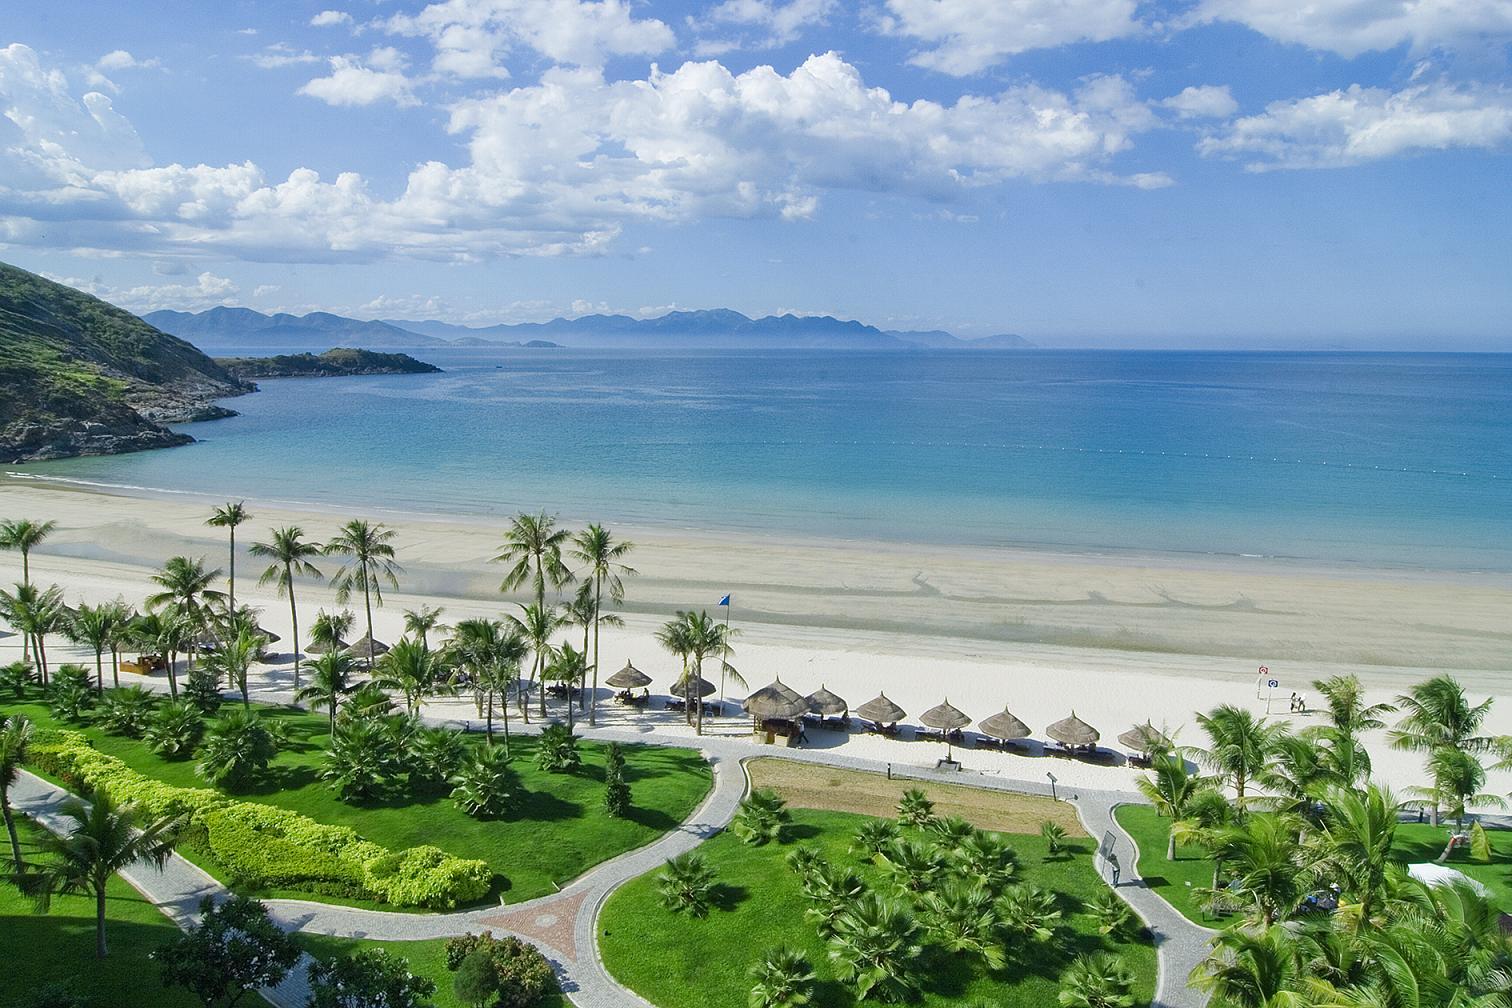 Những lí do để bạn không nên bỏ lỡ vé rẻ Vietnam Airlines đi Nha Trang